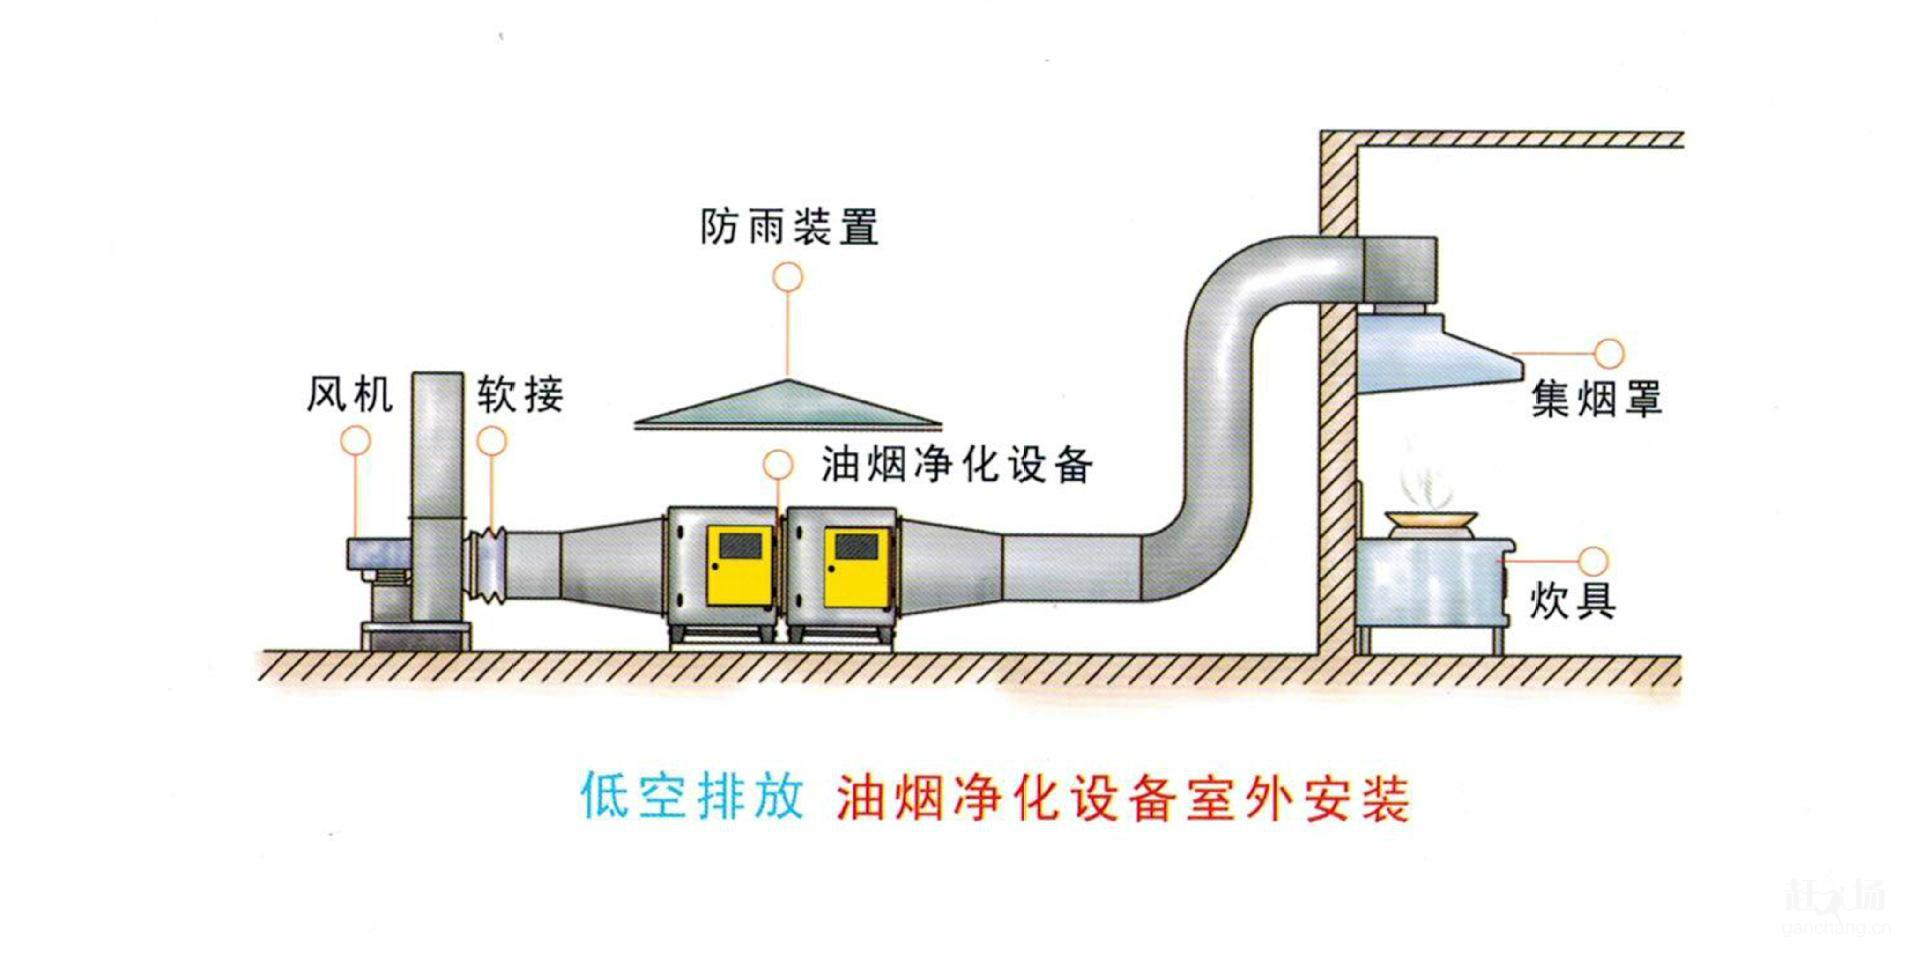 广州专业小中大型厨房工程抽排系统工程设计安装 2